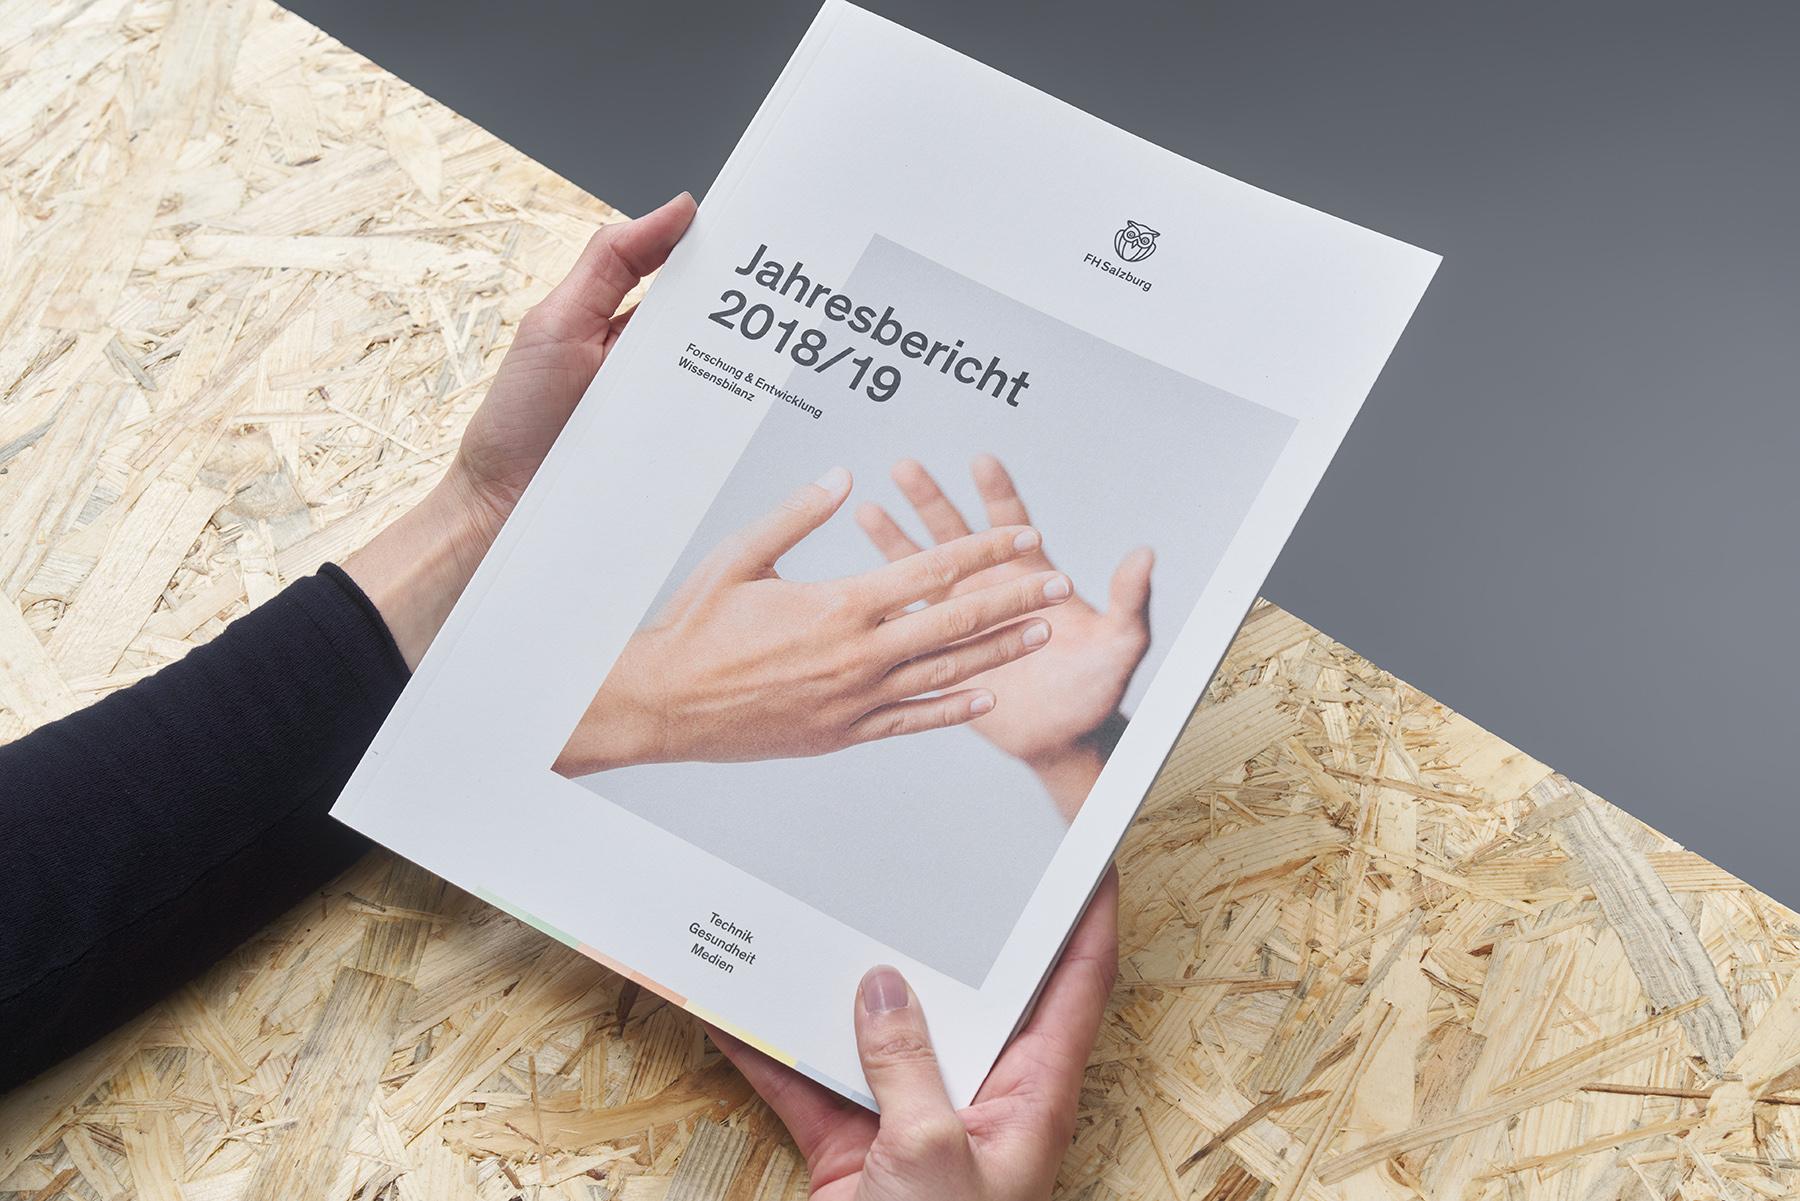 Jahresbericht 2018/19